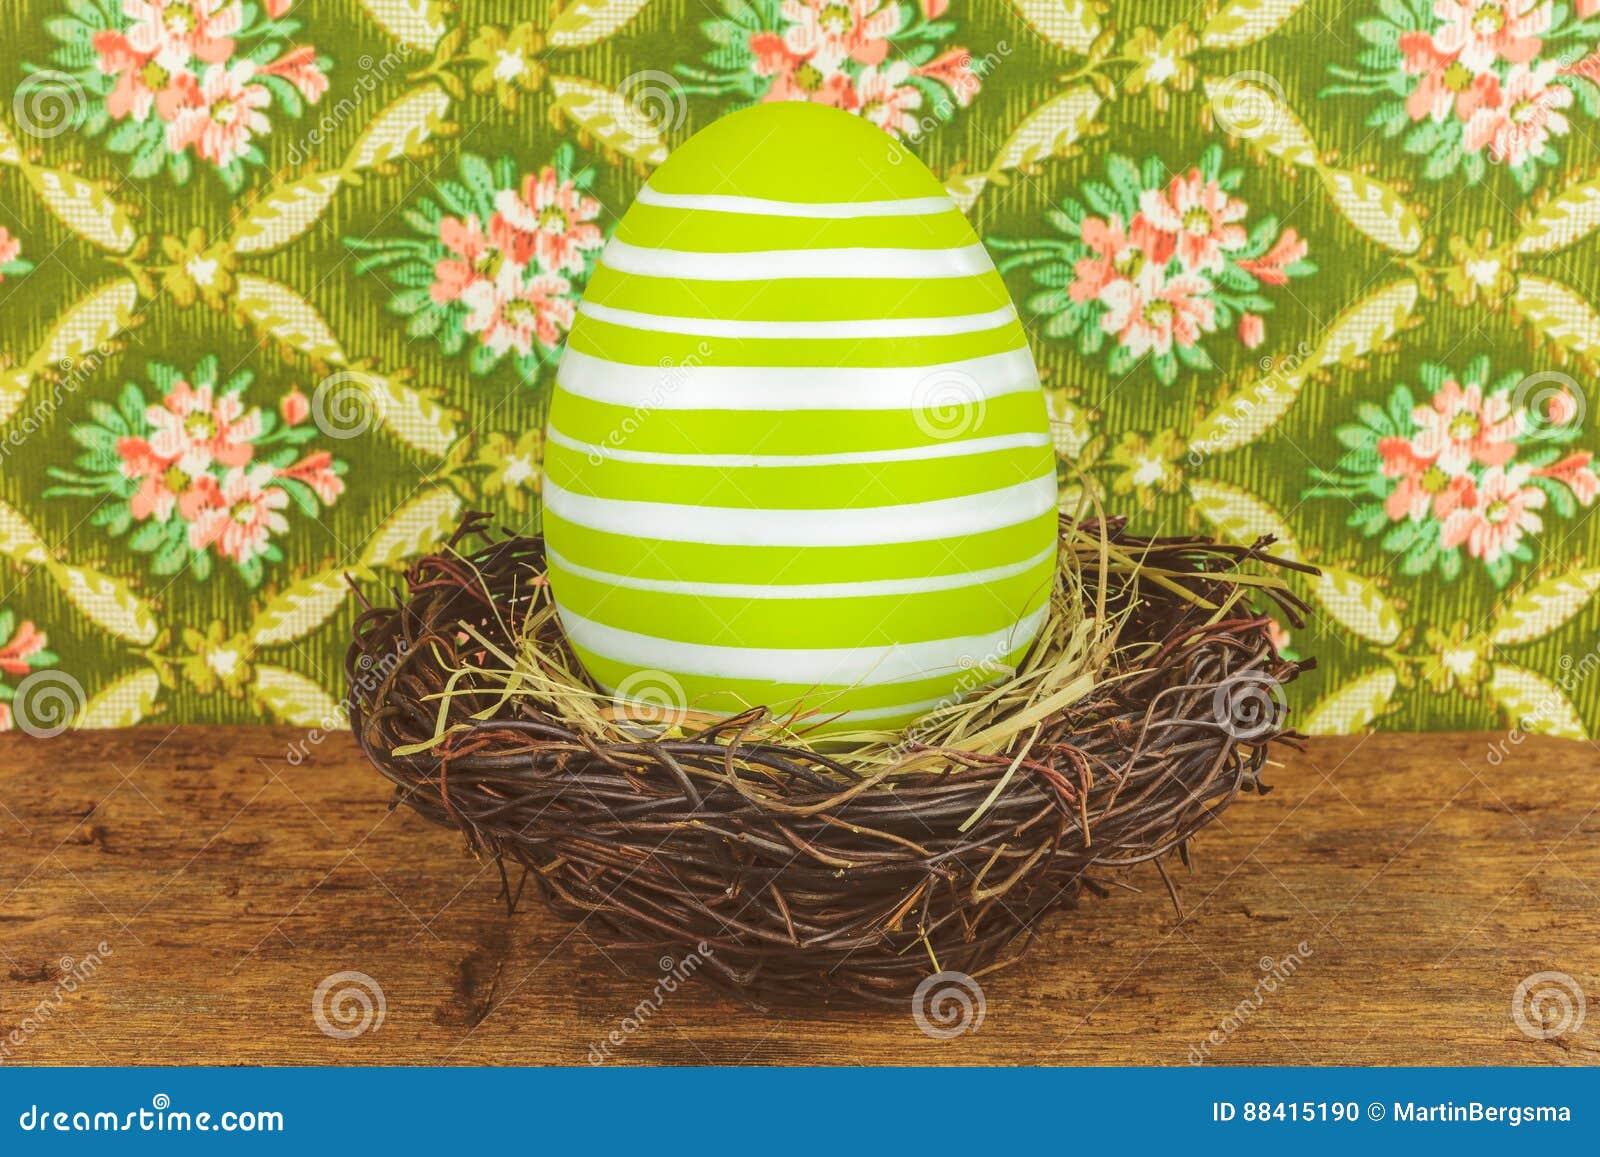 Πράσινο βαμμένο μεγάλο αυγό Πάσχας σε μια φωλιά πουλιών σε έναν ξύλινο πίνακα